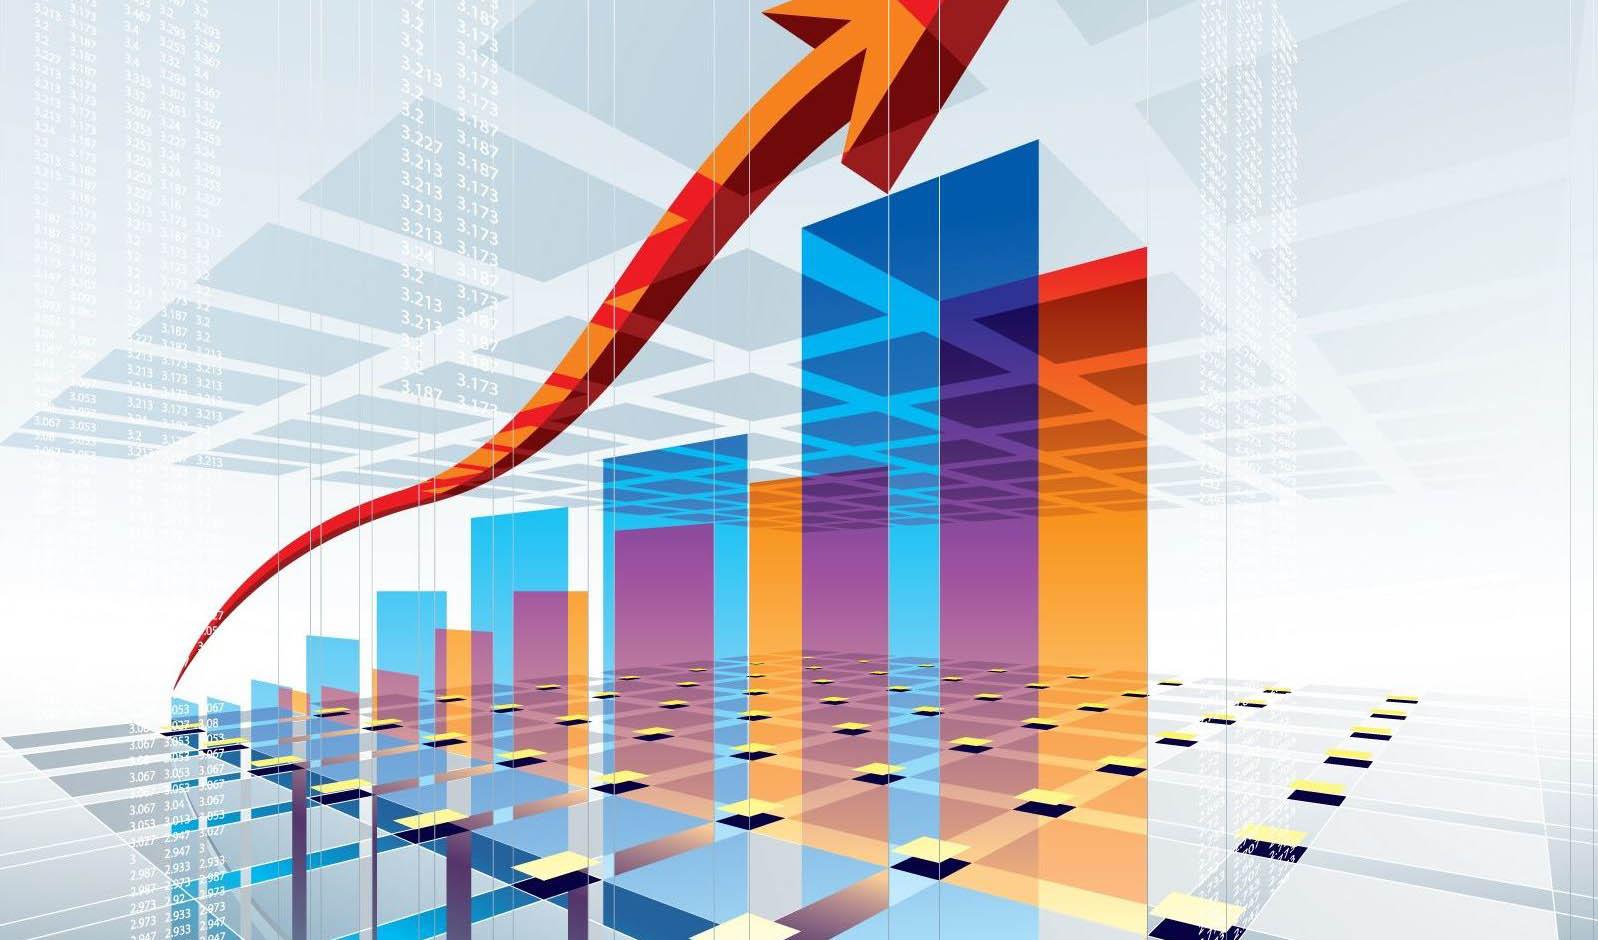 چگونه رشد مثبت اقتصادی ادامه دار میشود؟